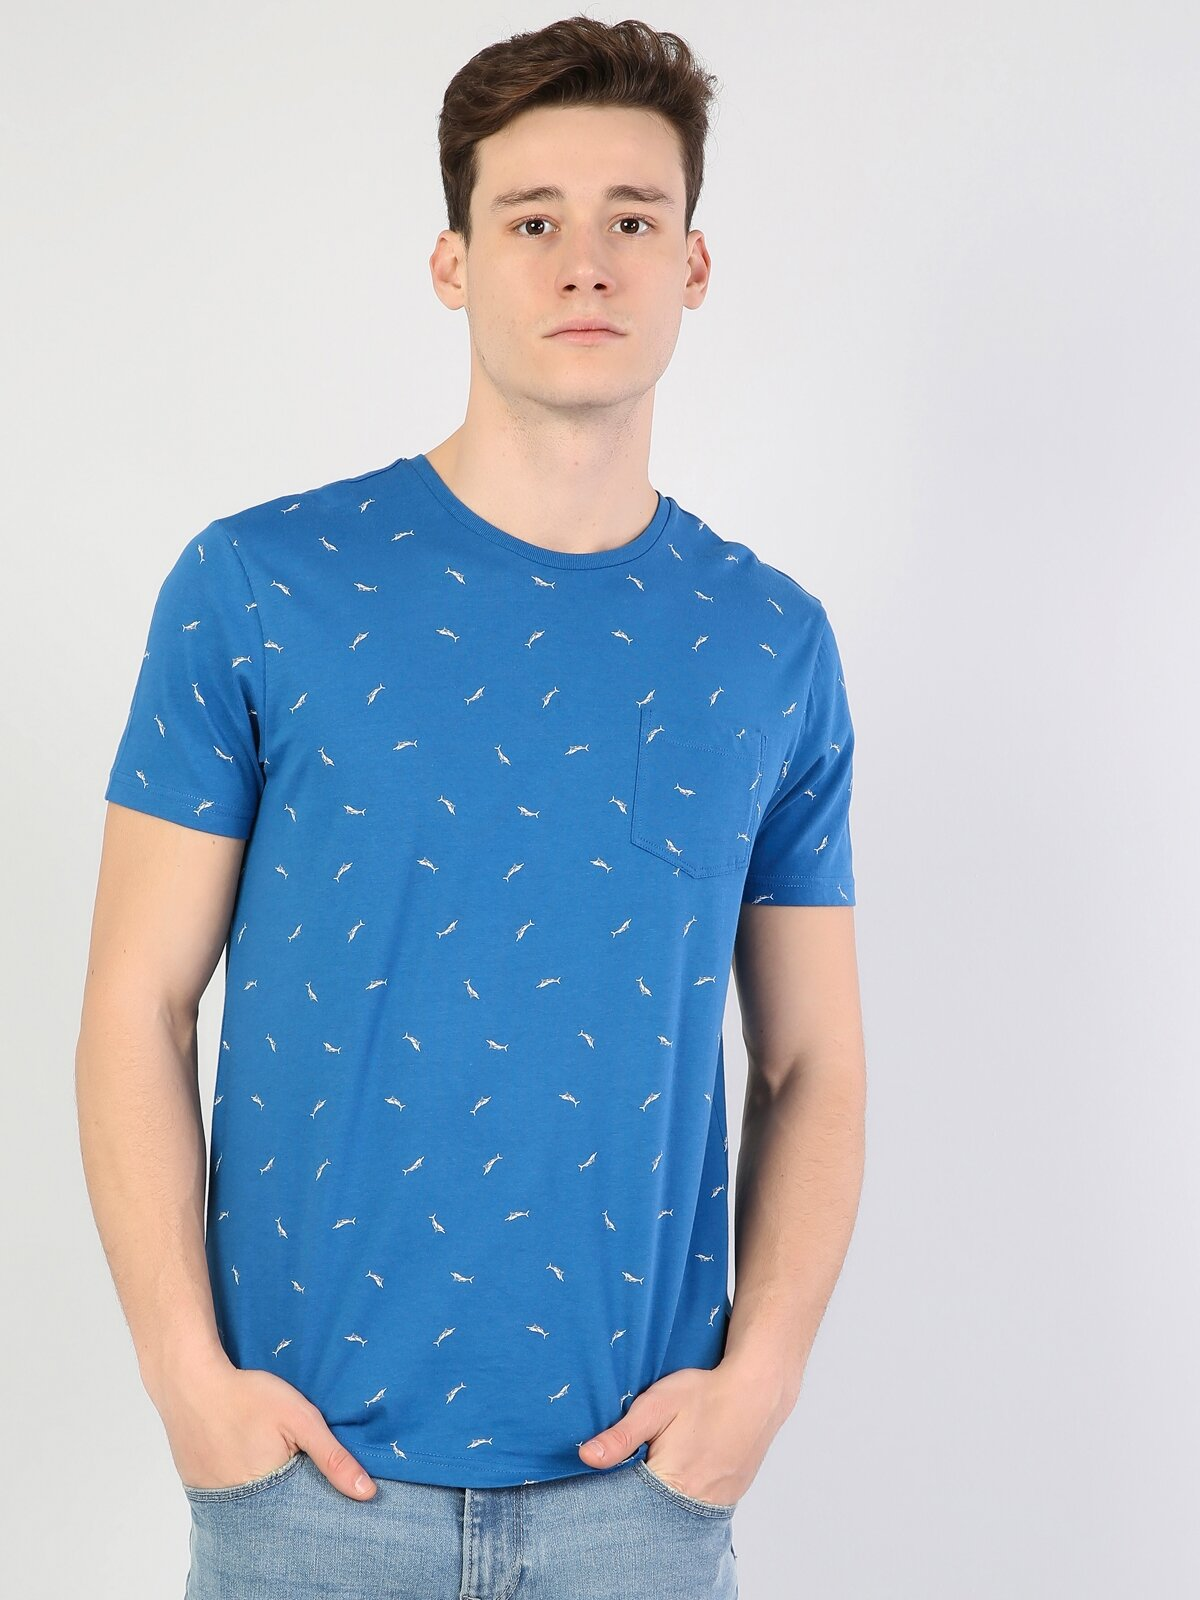 Saks Mavi Yuvarlak Yaka Erkek Kısa Kol Tişört